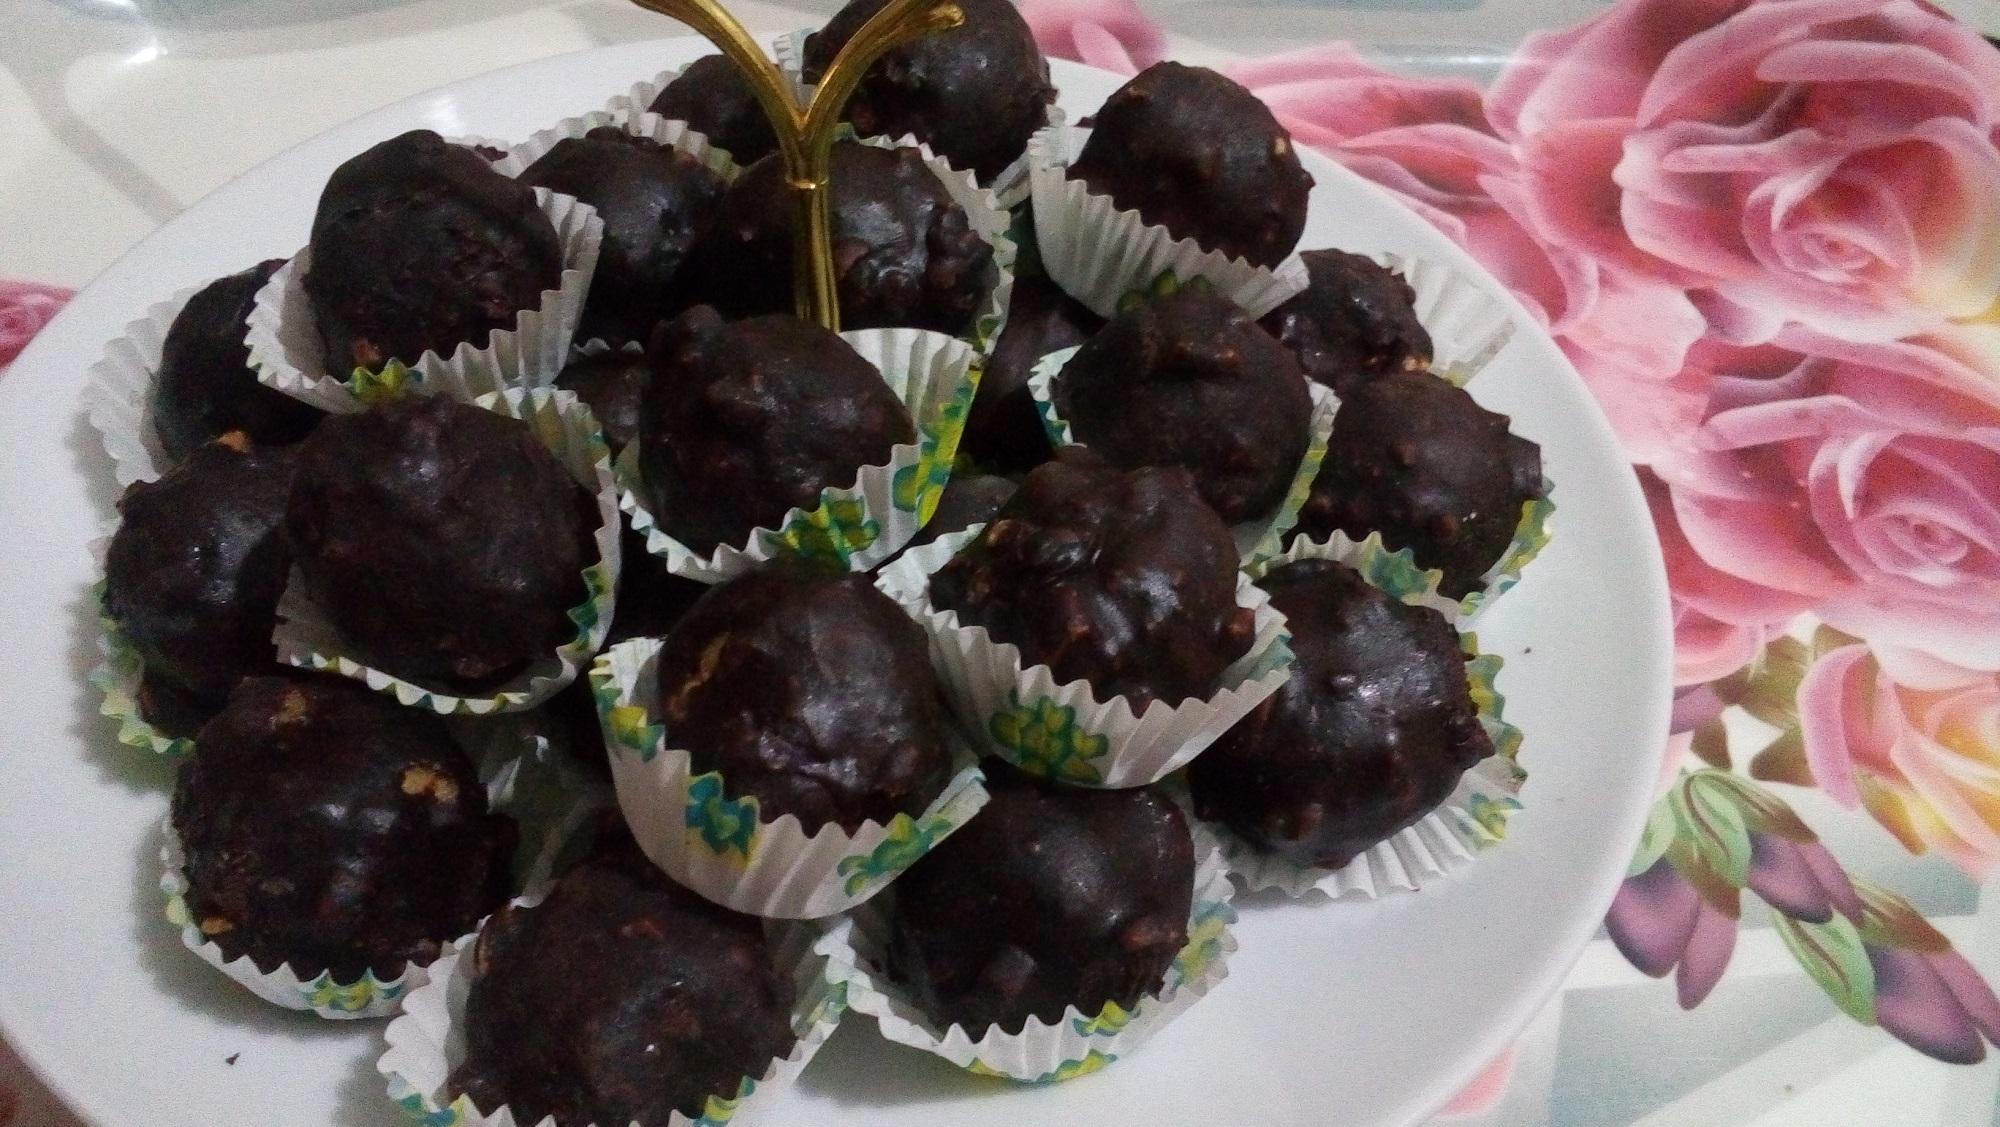 من دون فرن بالفول السوداني و الشوكولاتة سهل و سريع و الطعم حكاية - بسكوت من دون فرن بالفول السوداني و الشوكولاتة سهل و سريع و الطعم حكاية